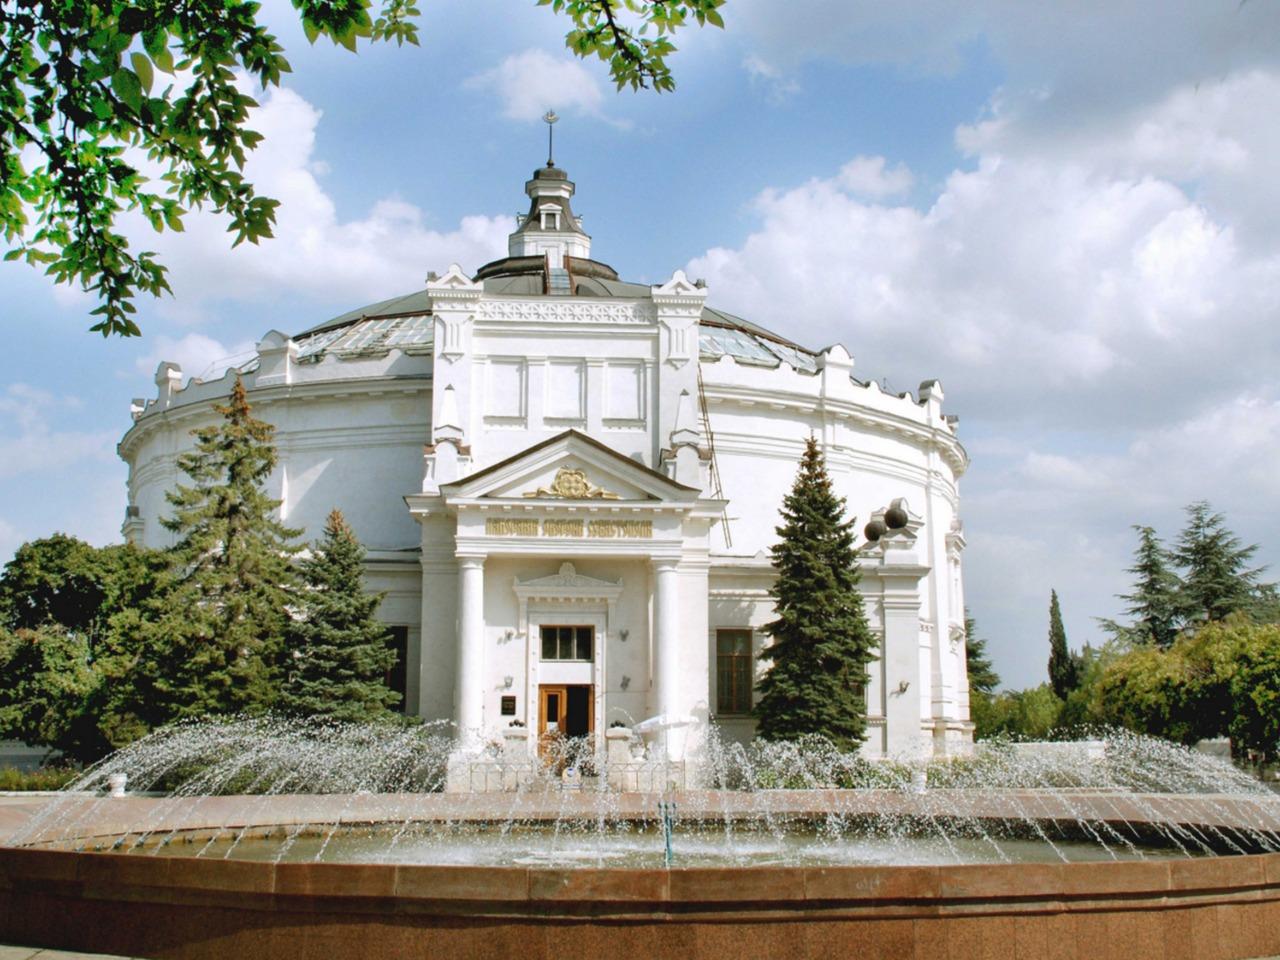 Центр Севастополя + Диорама + Панорама - индивидуальная экскурсия в Севастополе от опытного гида